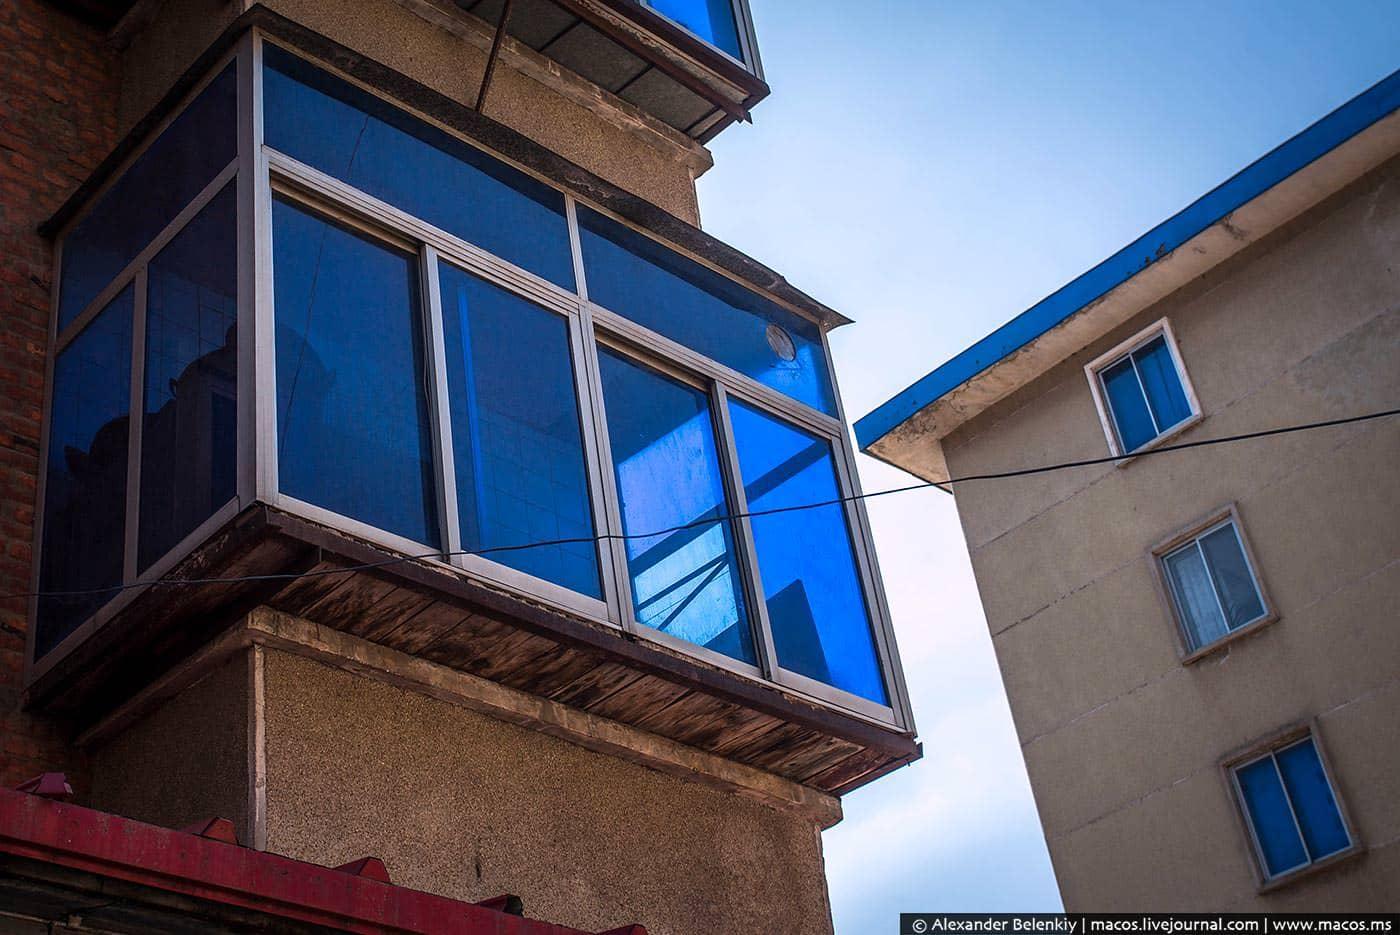 стиральной машиной, балконы с зеркальным стеклом фото взгляд